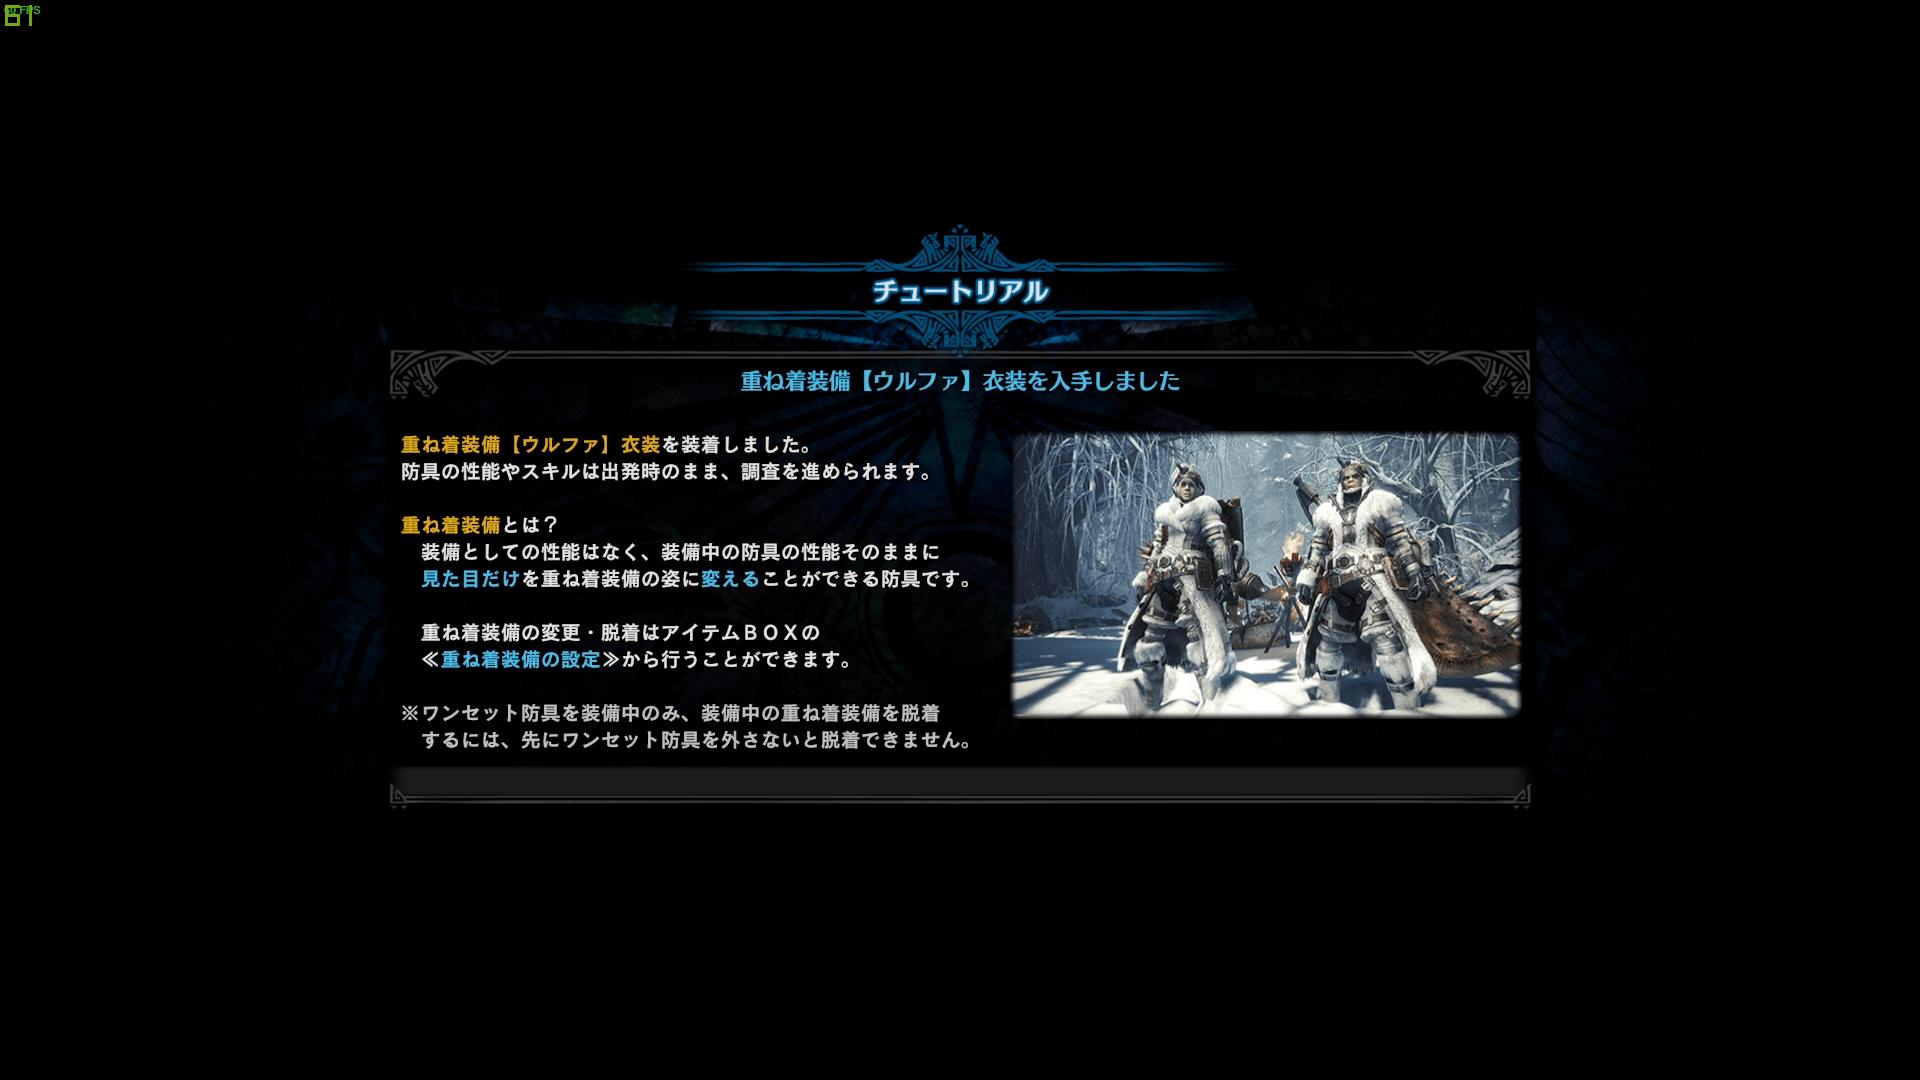 映画 テレビ 2020_01_16 20_43_07-min